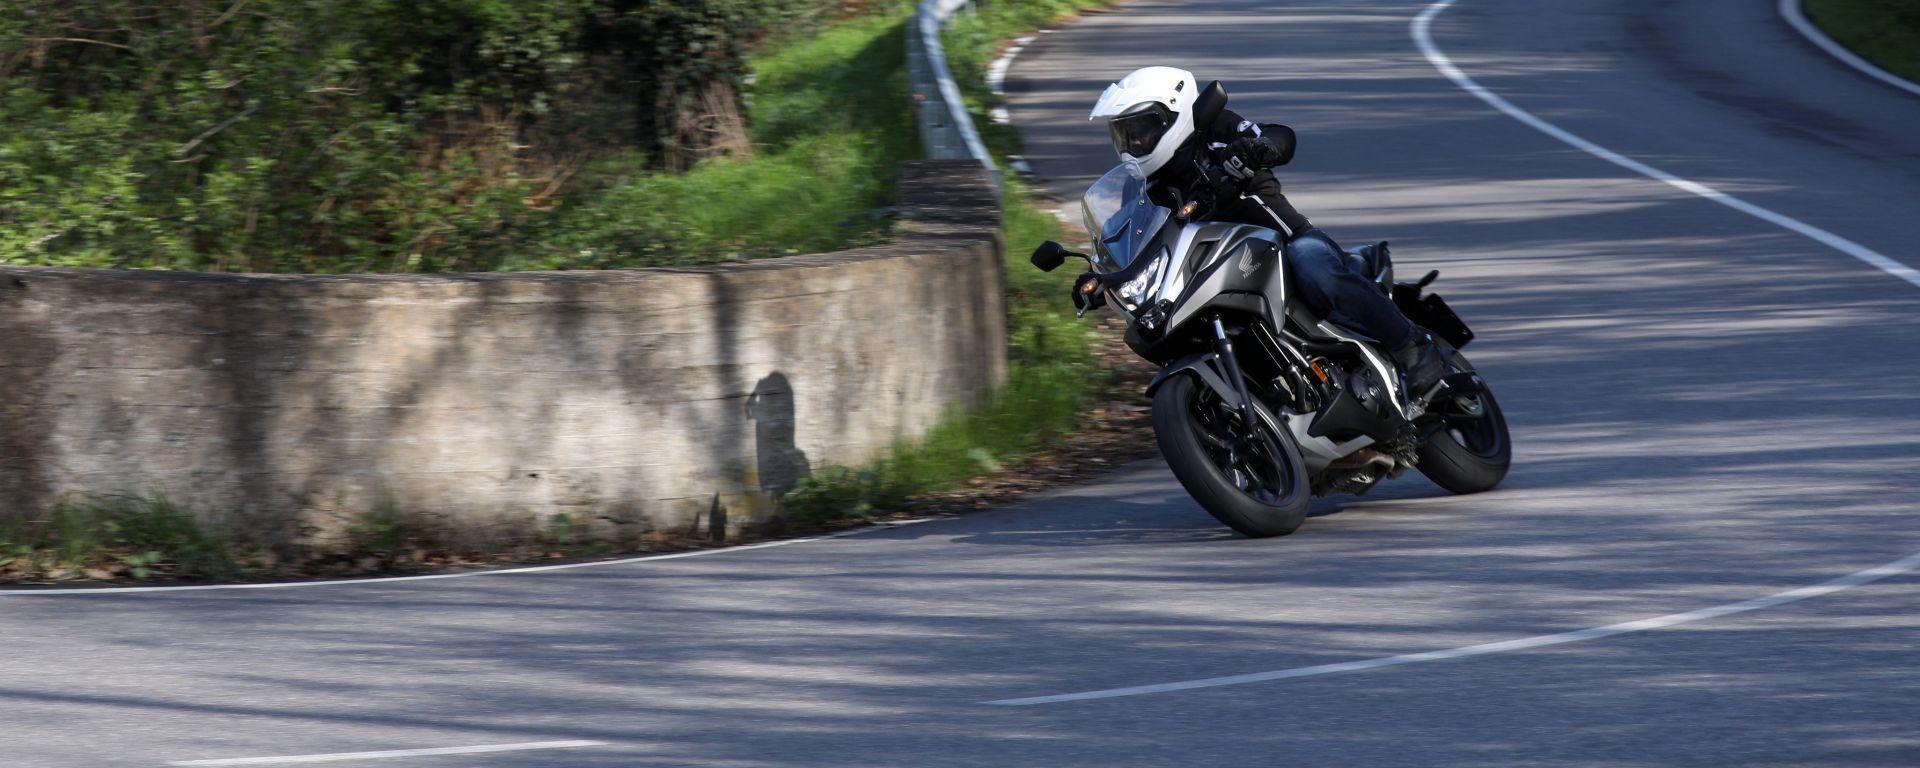 Honda NC750X 2021: tanta agilità e divertimento tra le curve